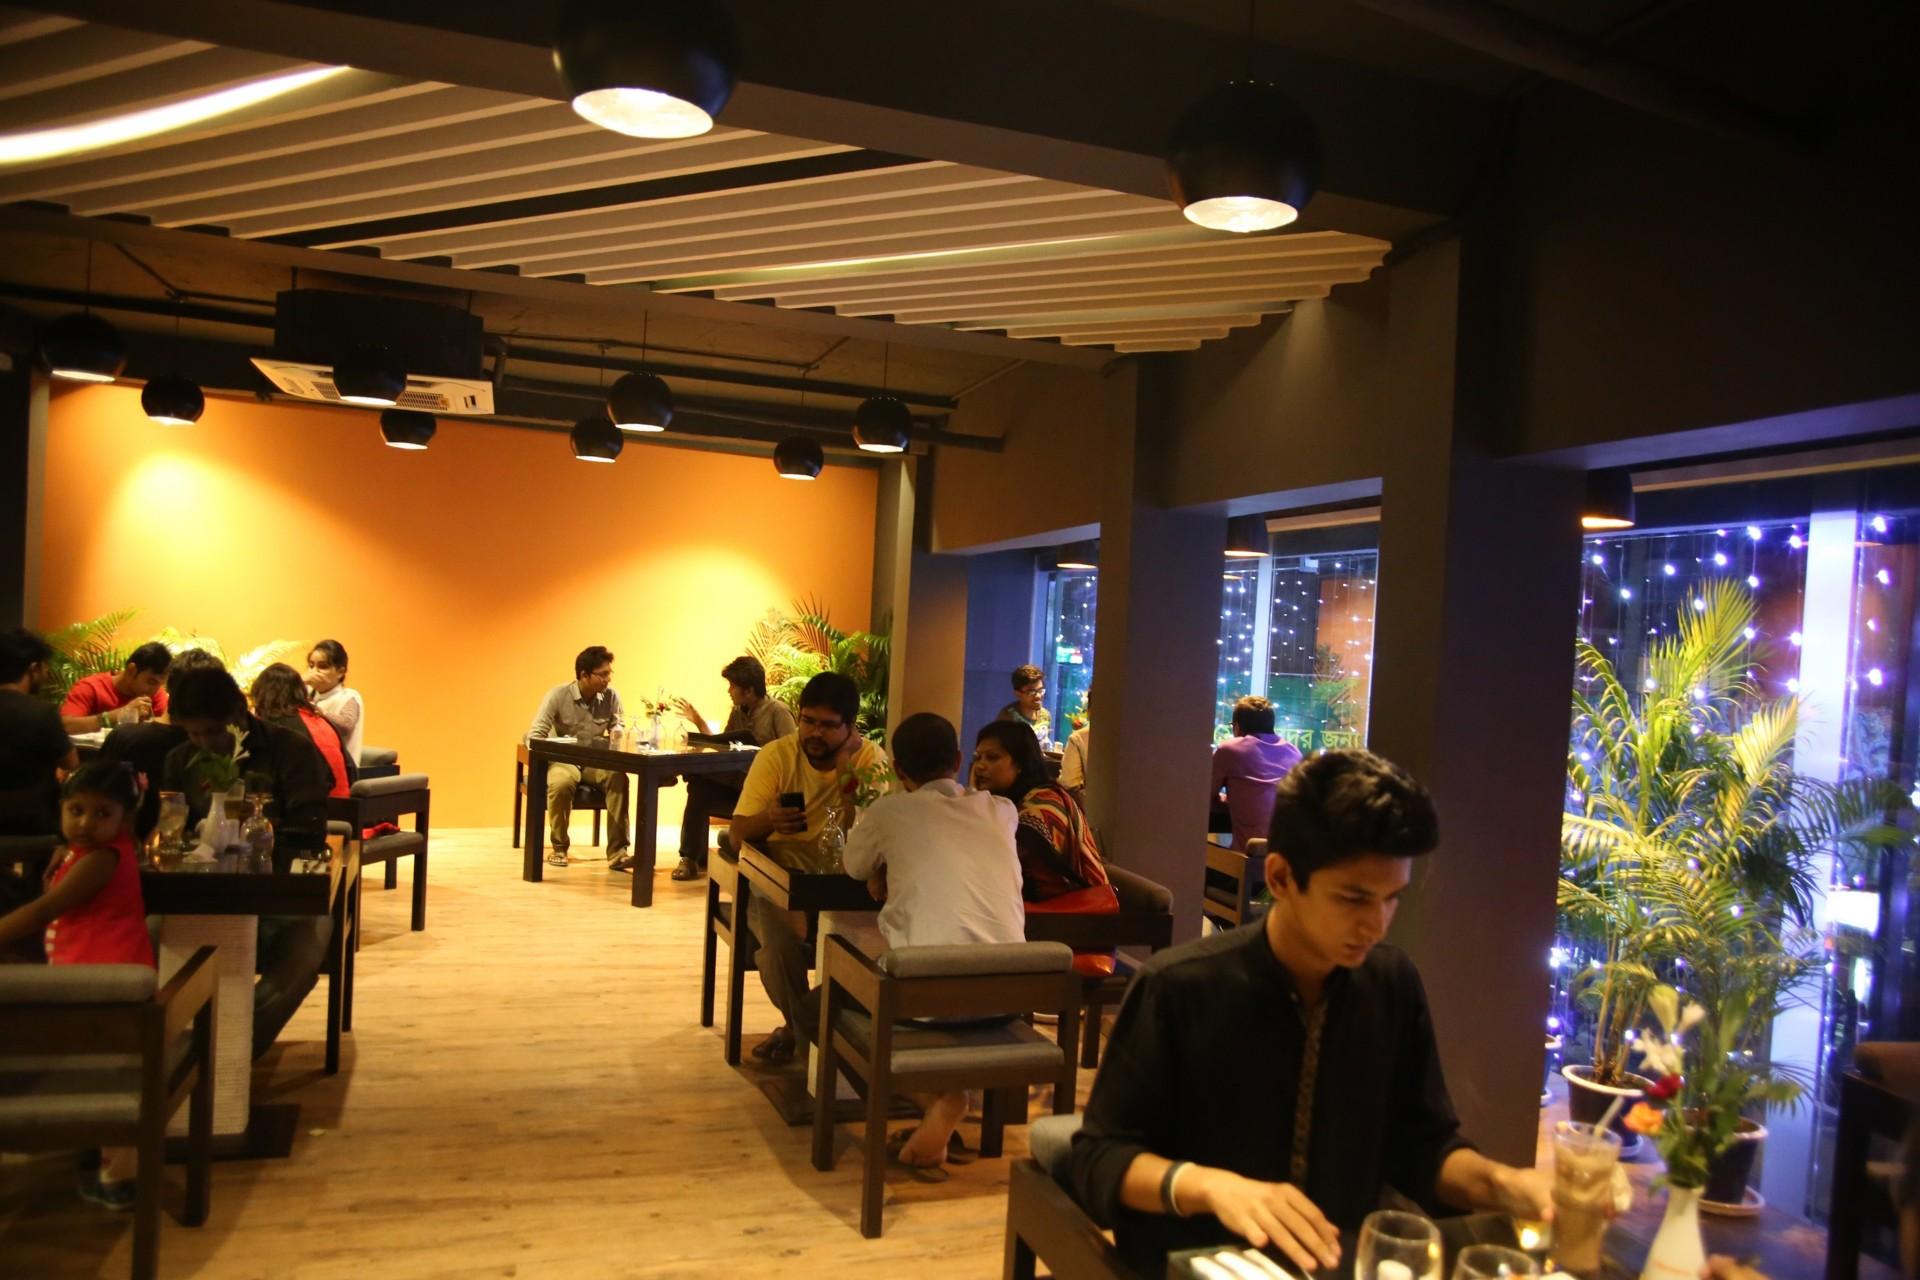 Shahriar Alam Flavour's café Rajshahi, Bangladesh